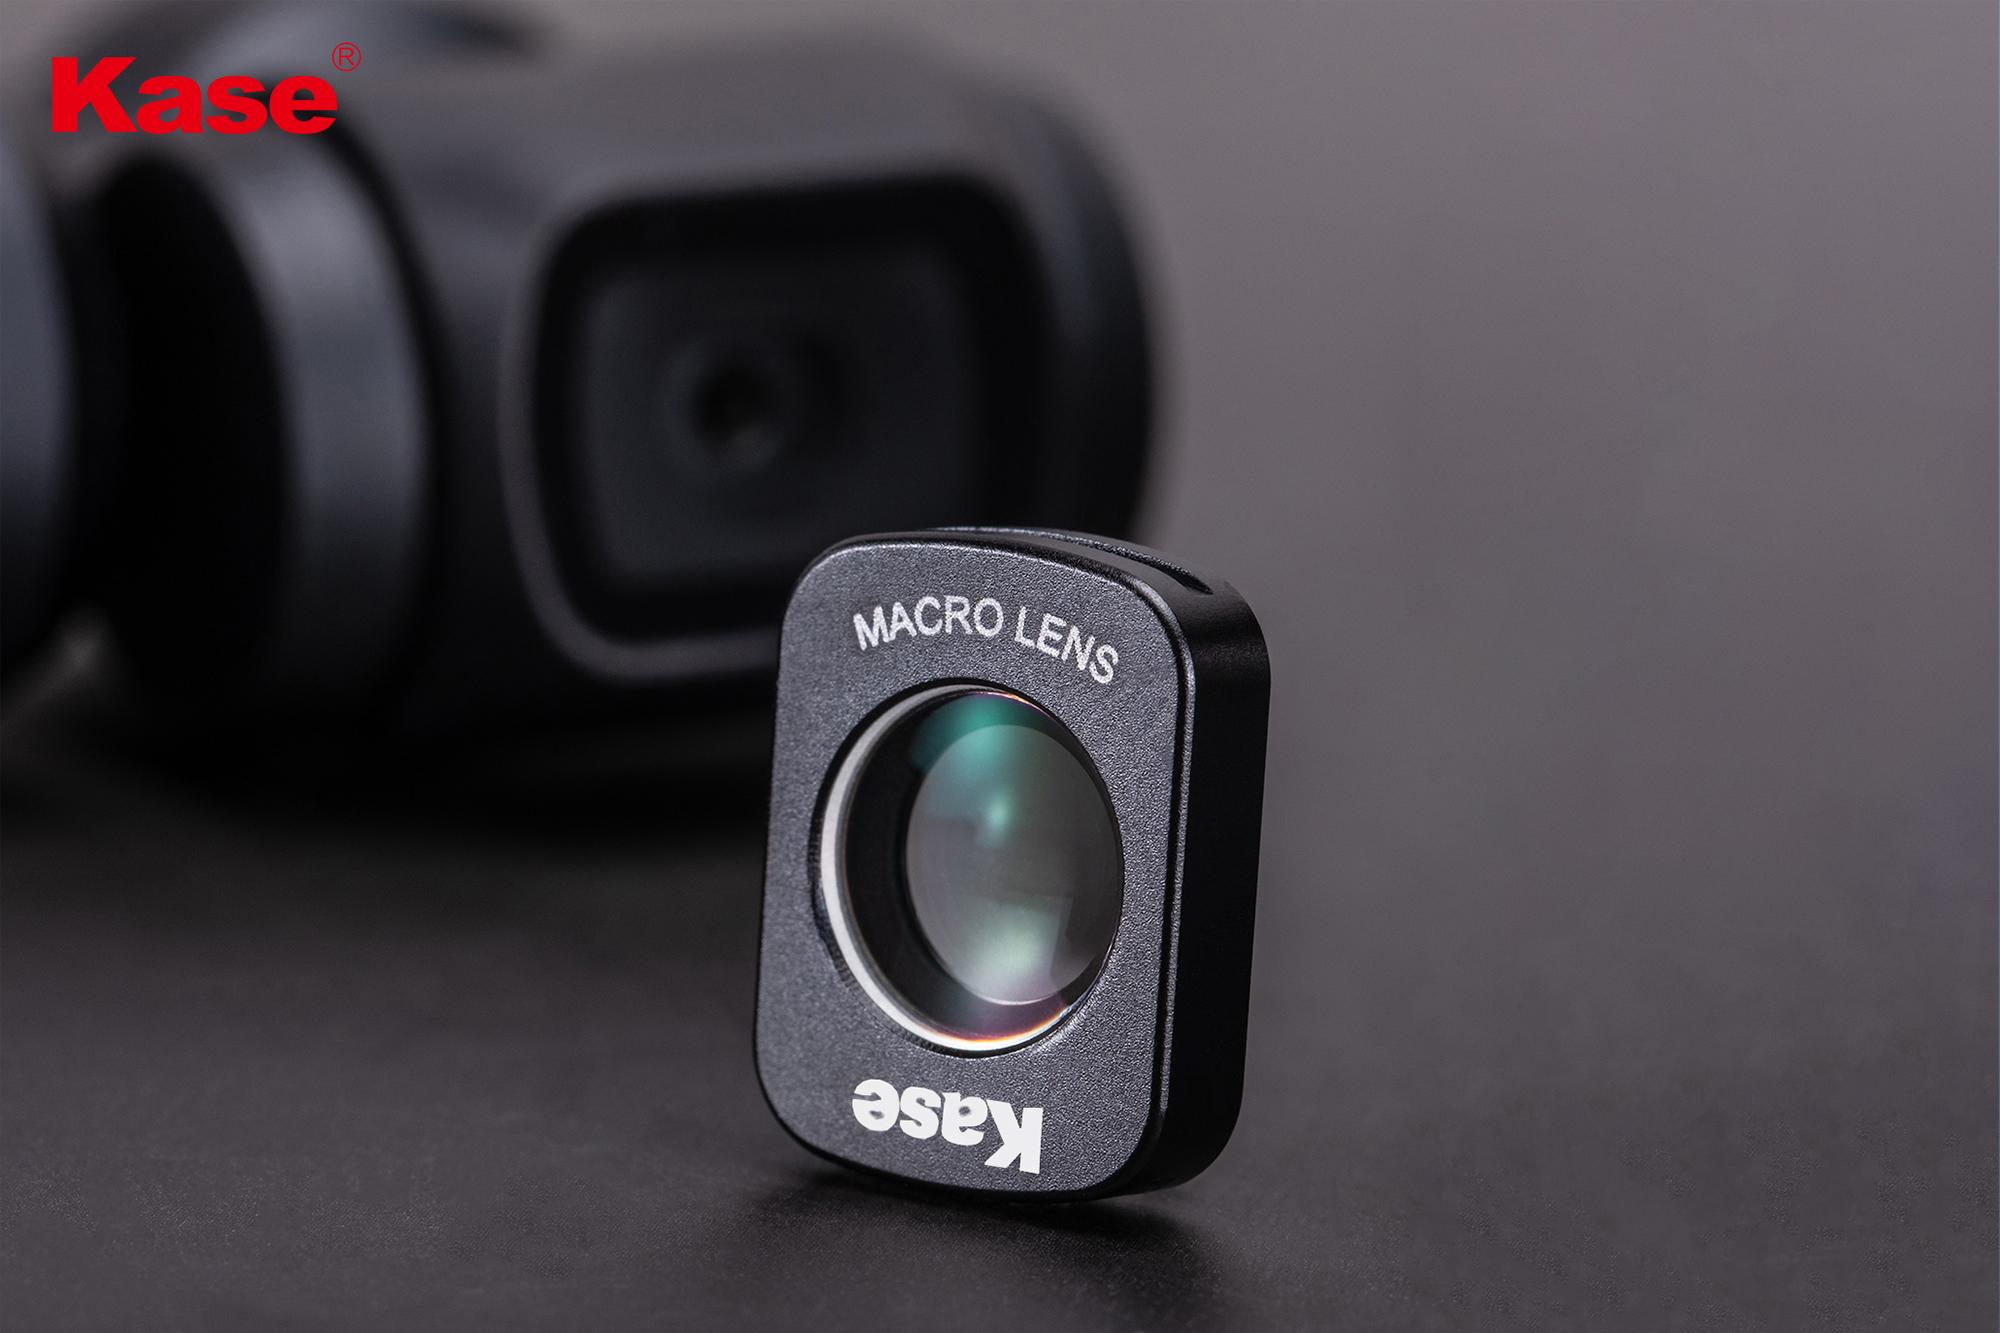 kase-macro-lens-6-.jpg